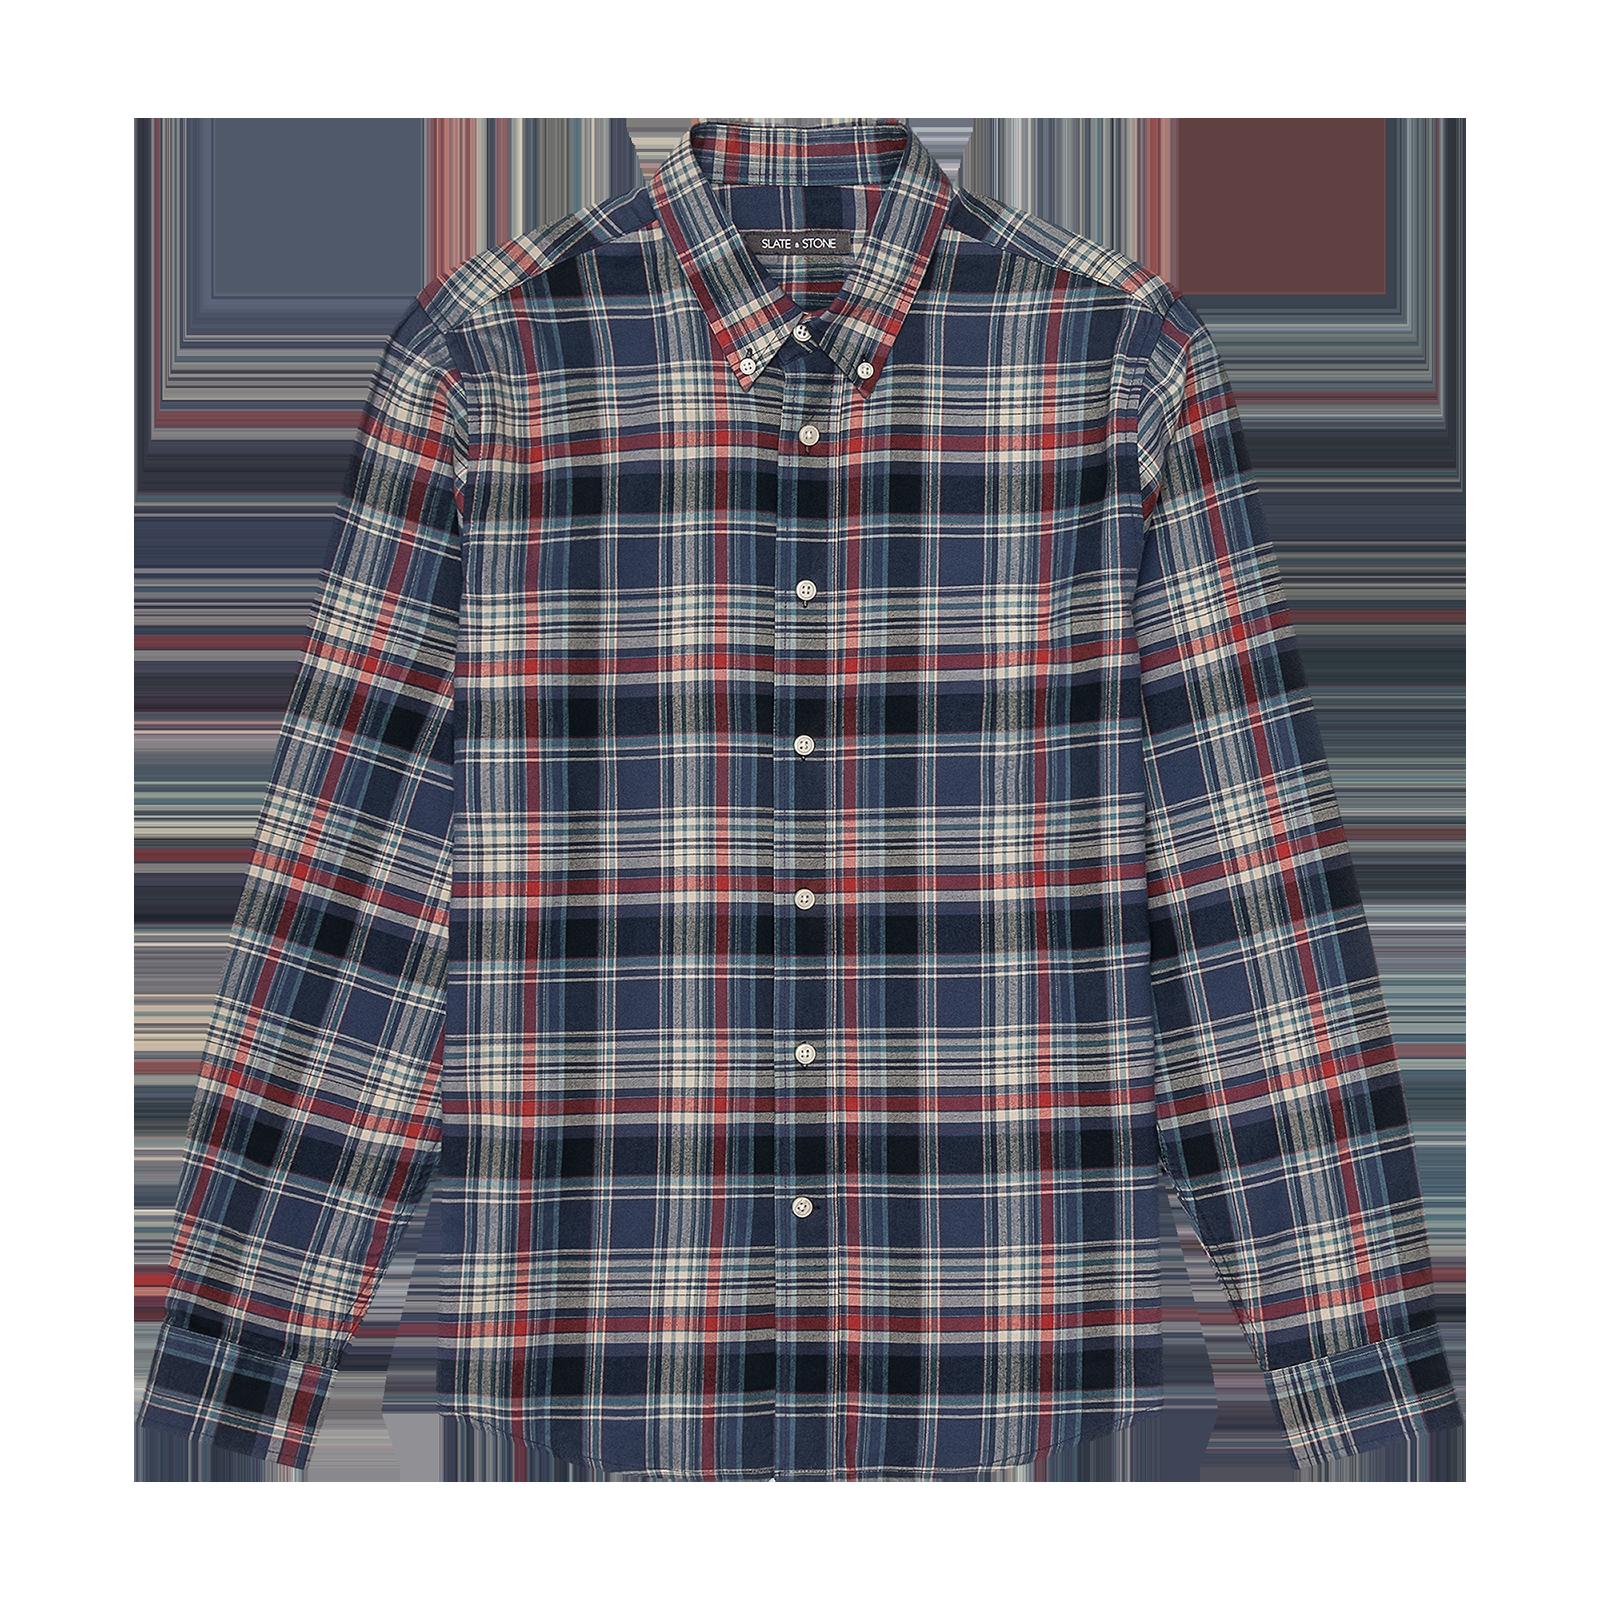 Flat lay shirt product image